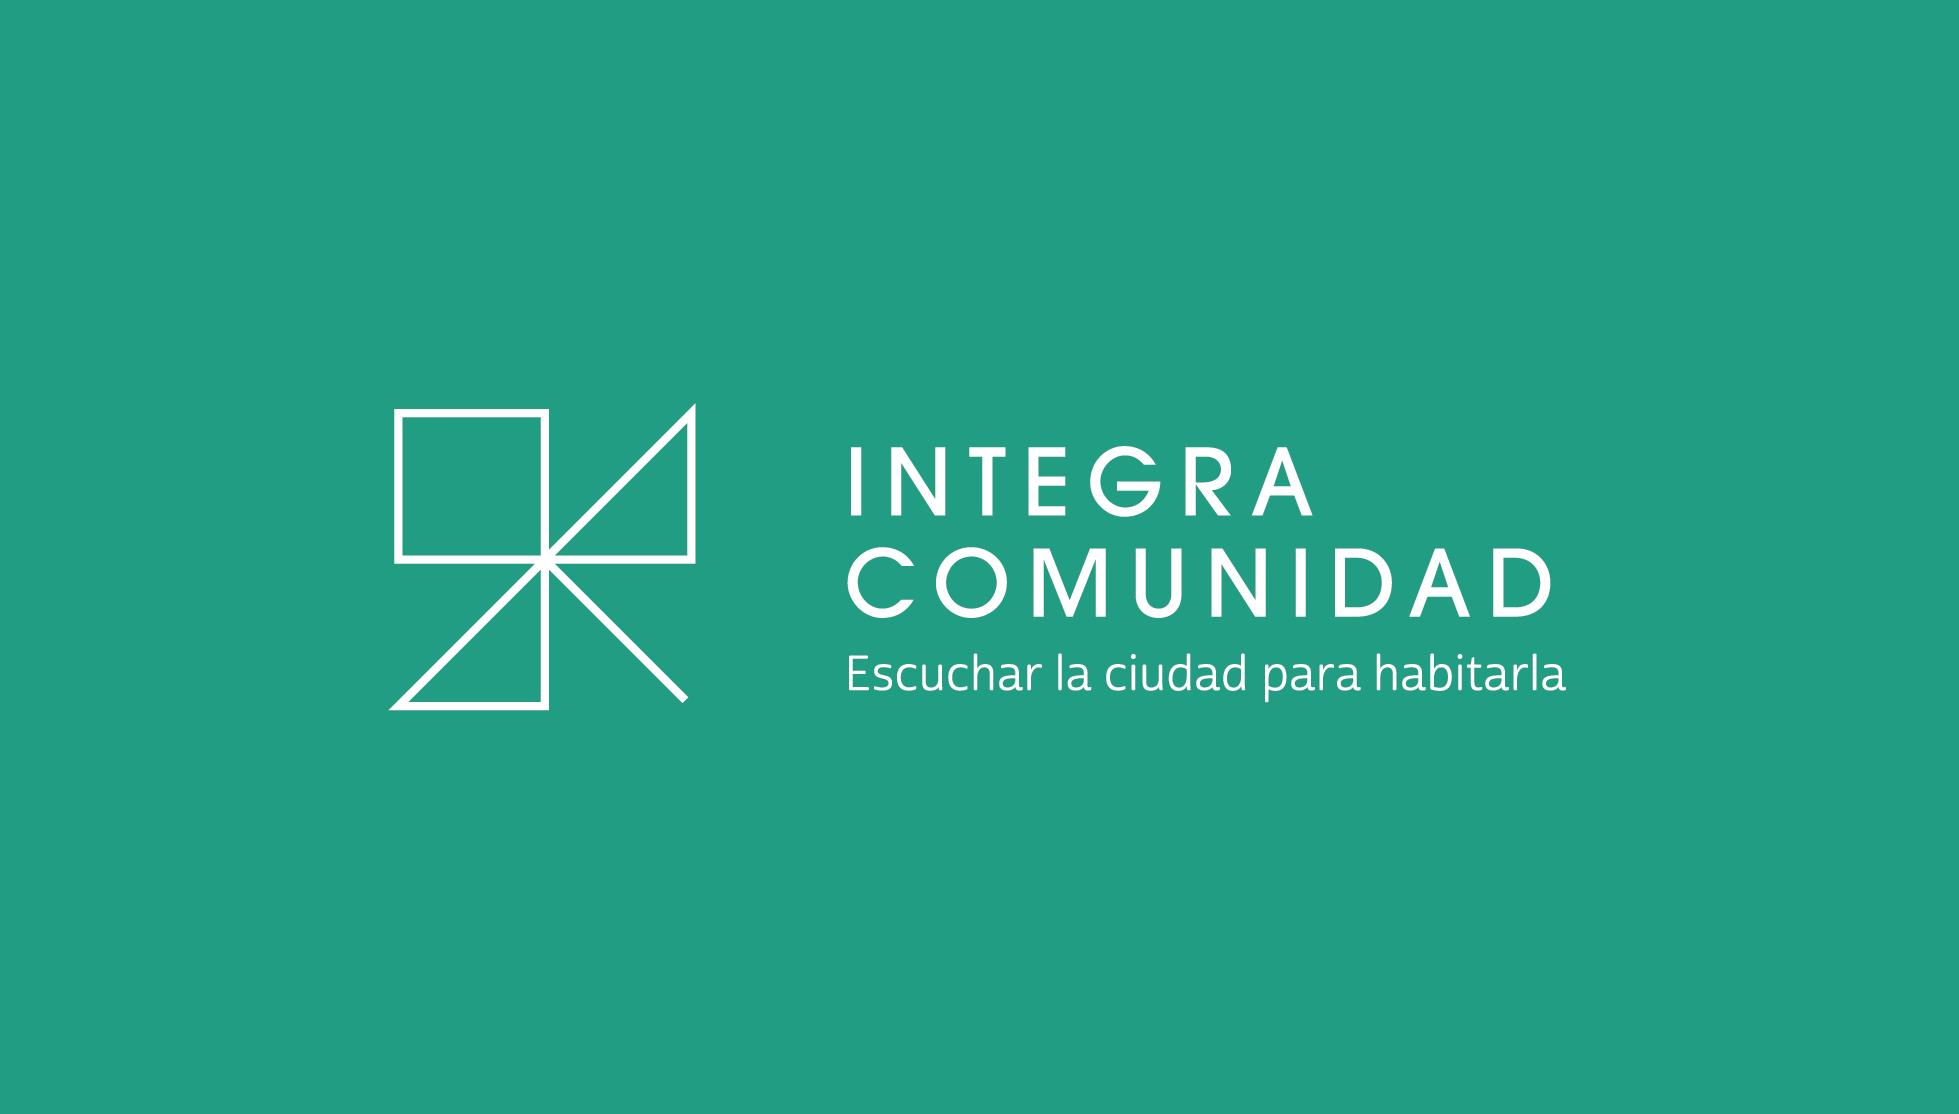 IntegraComunidad_CF - Primario Tinta blanca sobre verde